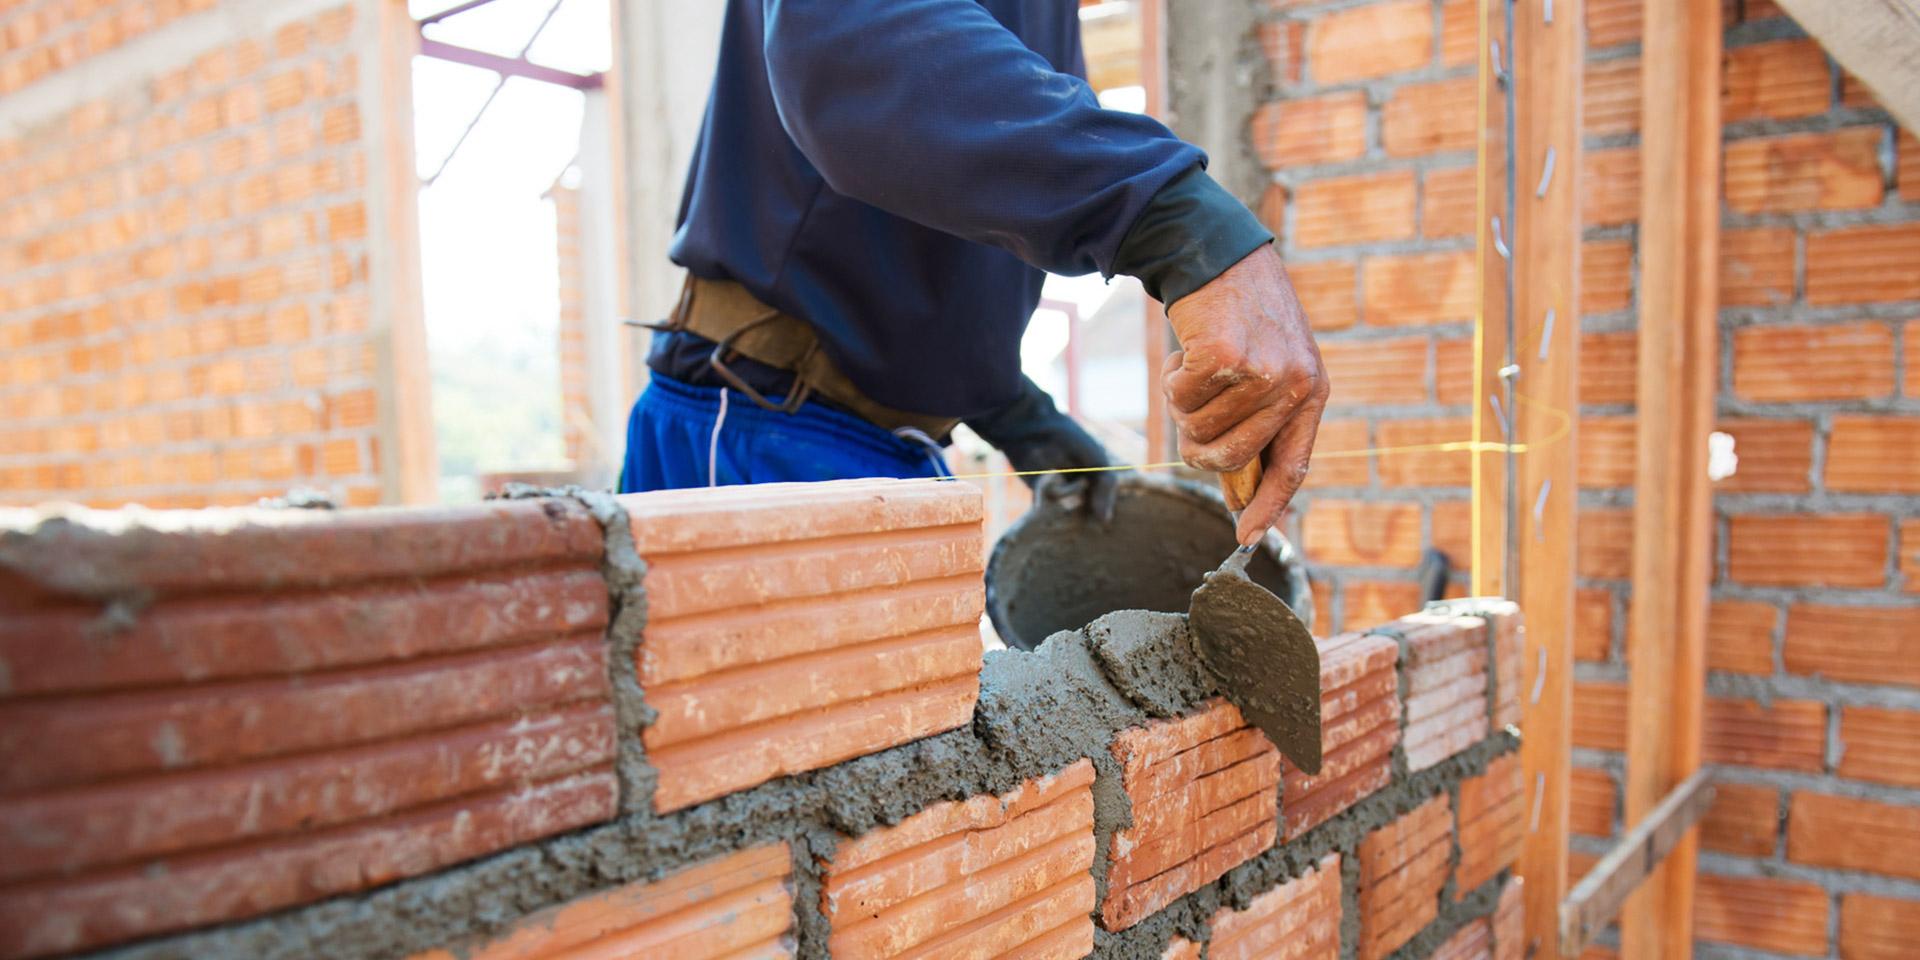 Firma budowlana Maniek